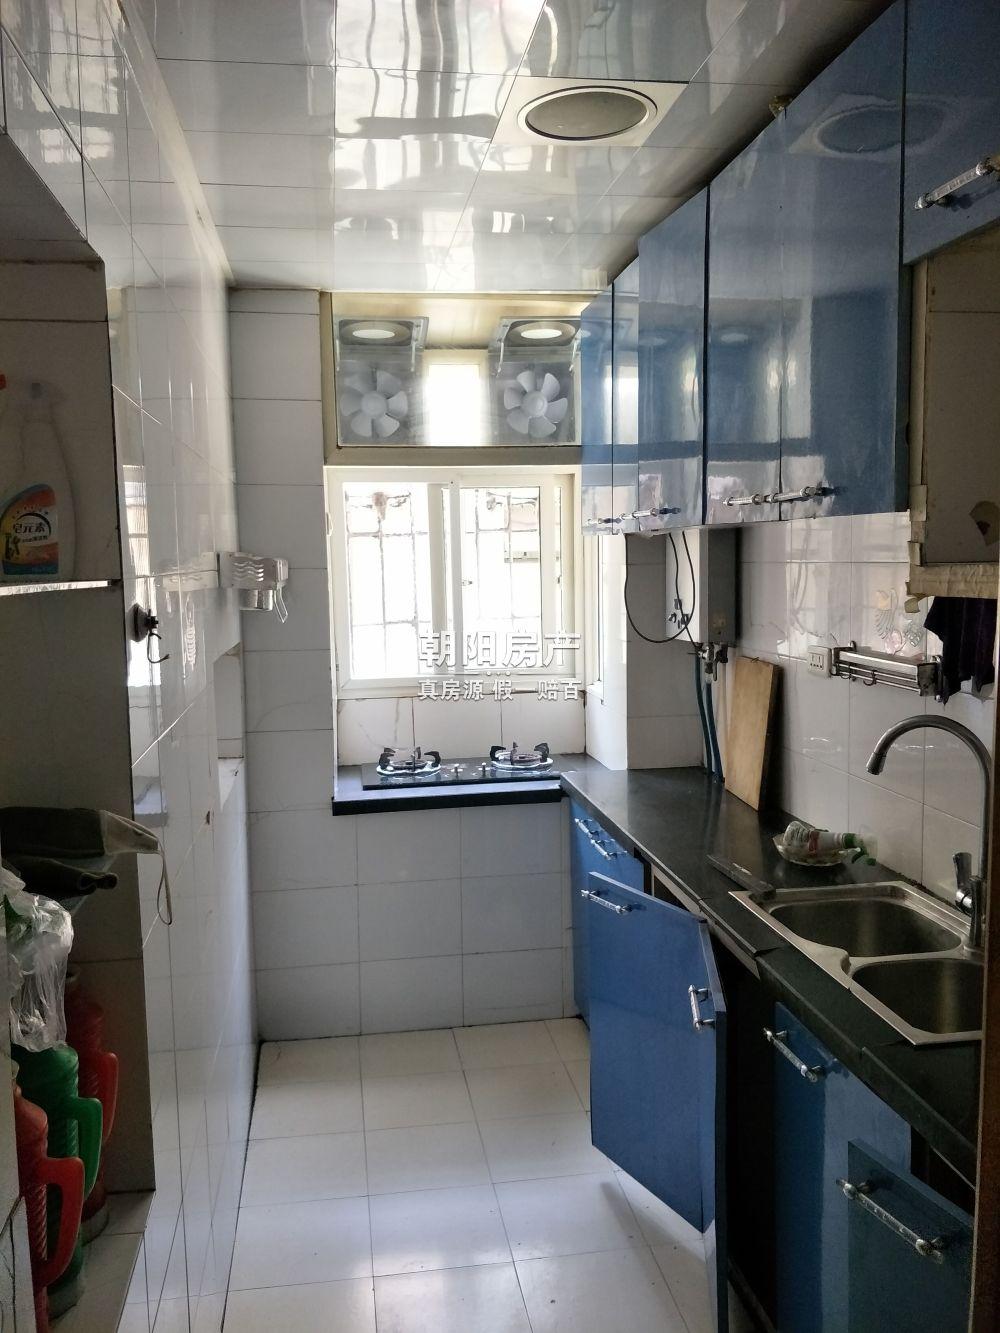 柏园南村3室2厅普装稀缺一楼带院子出售